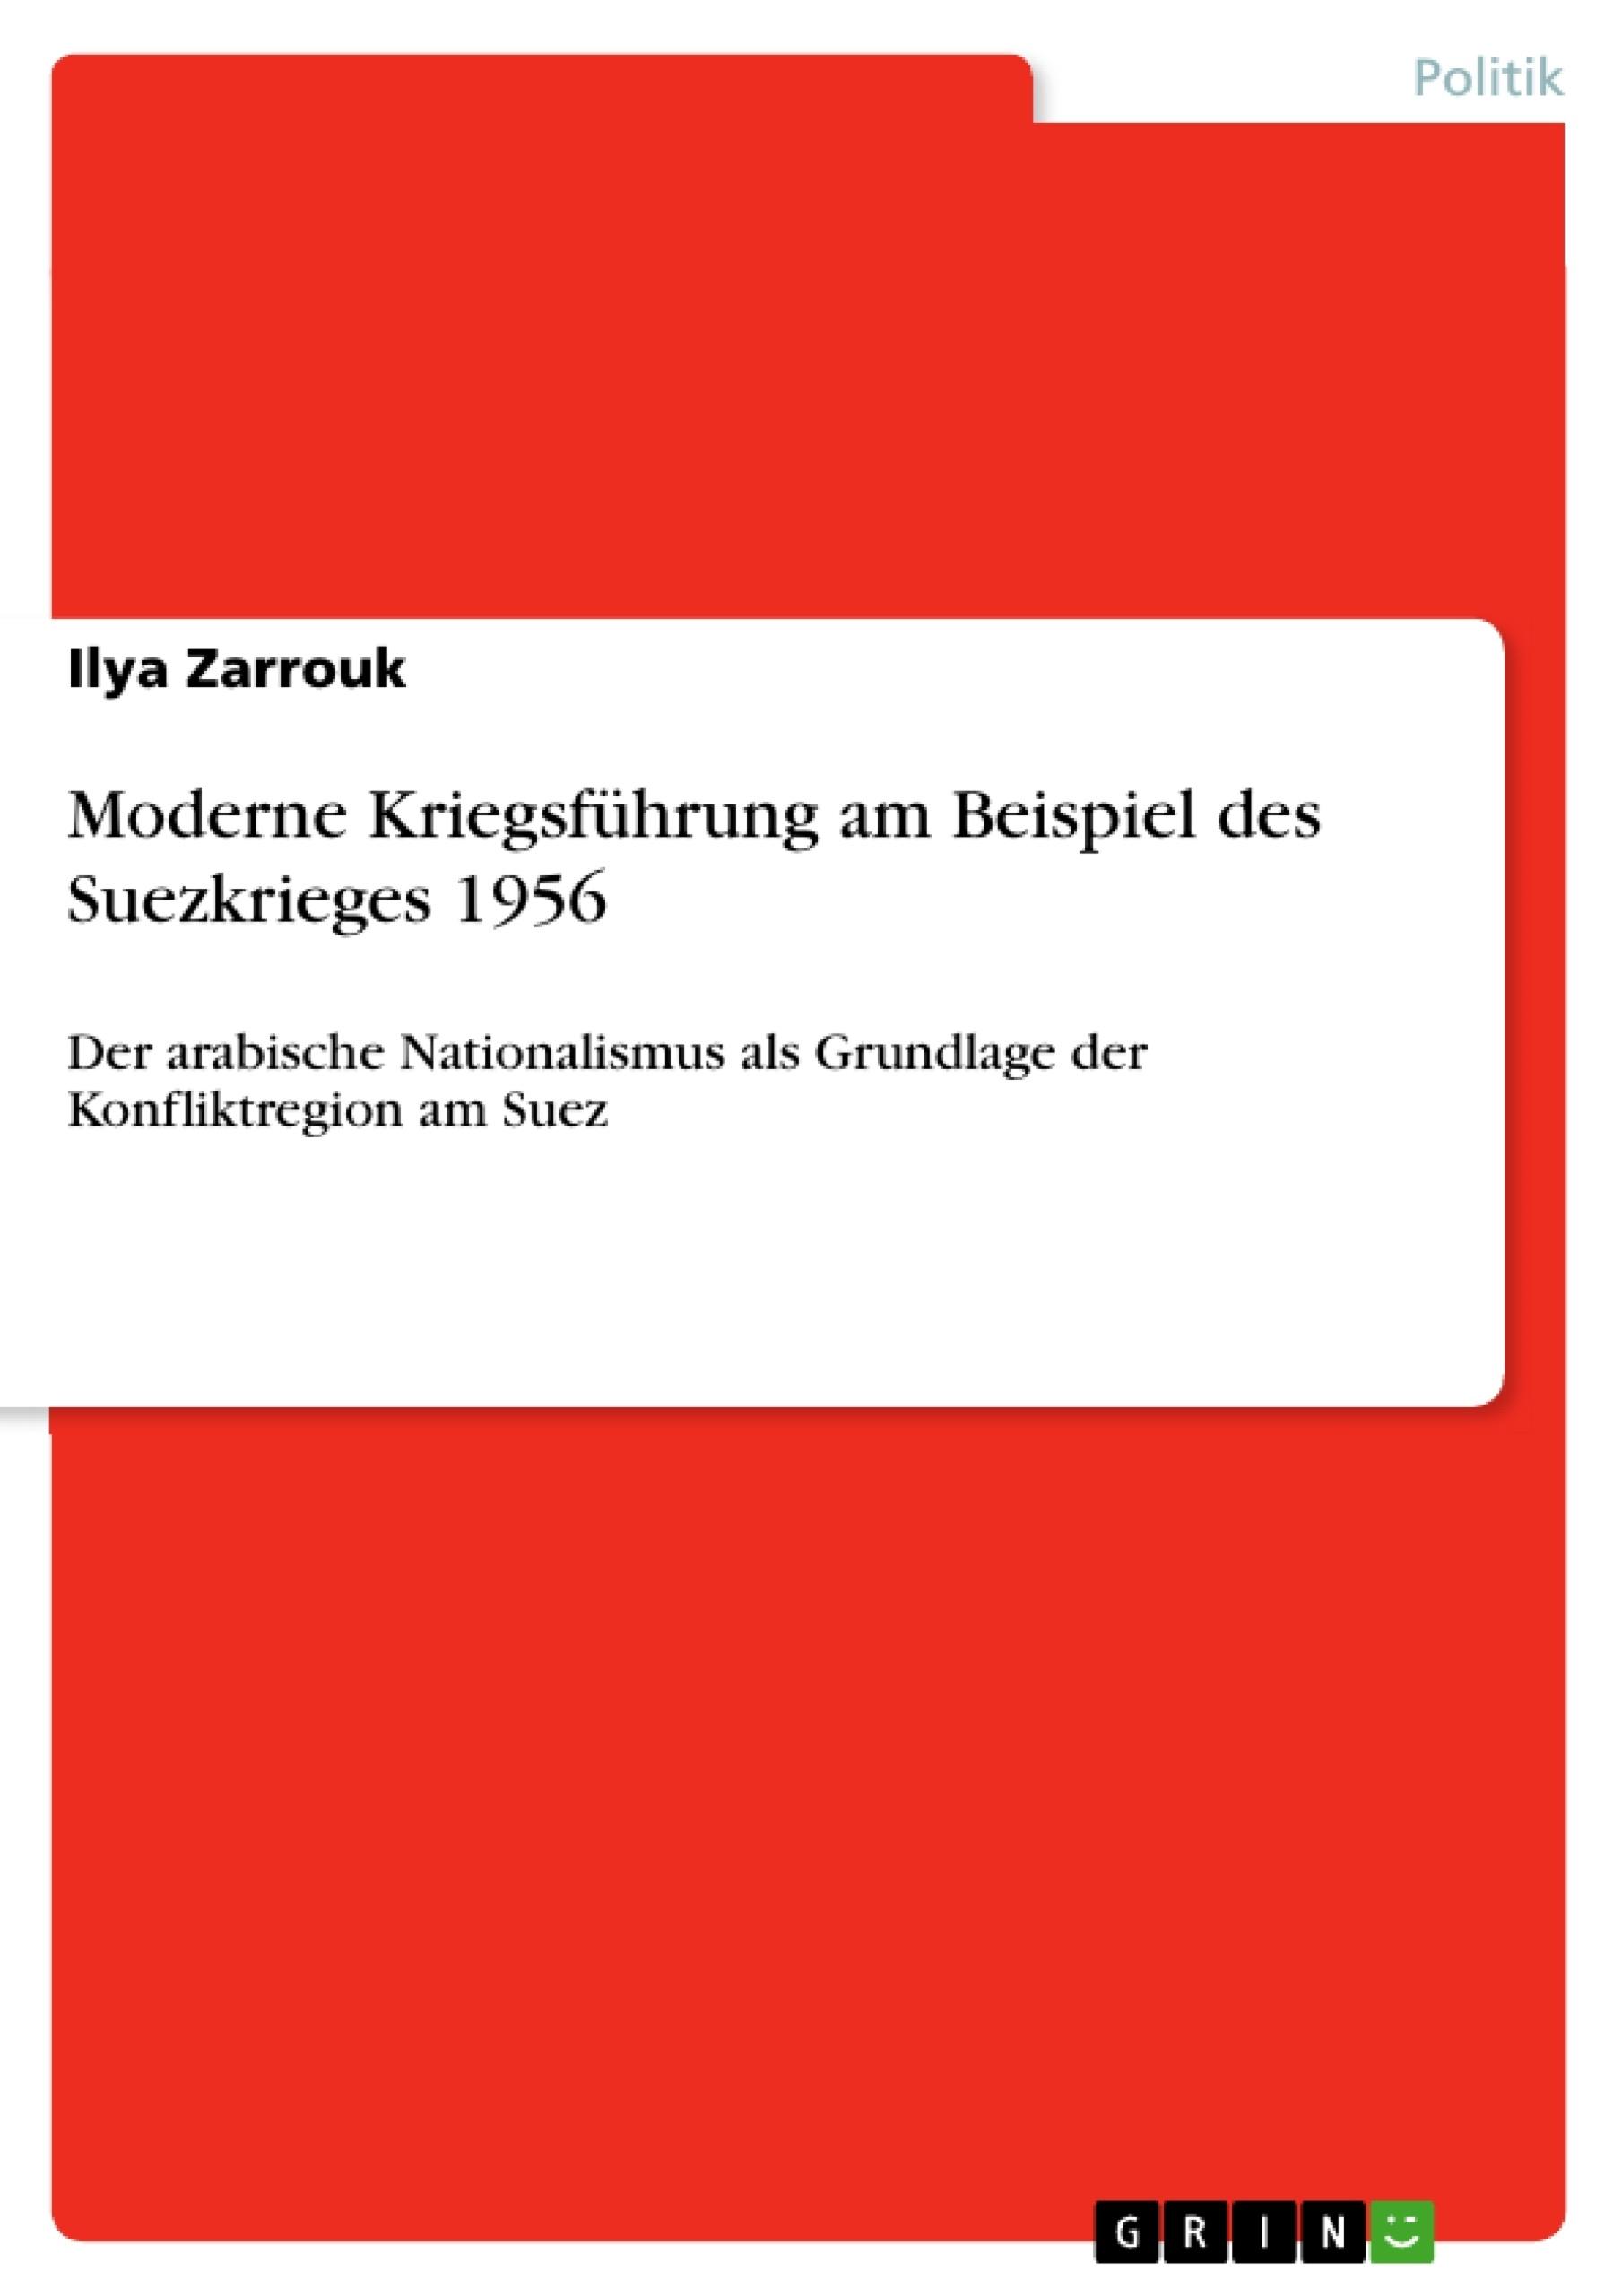 Titel: Moderne Kriegsführung am Beispiel des Suezkrieges 1956